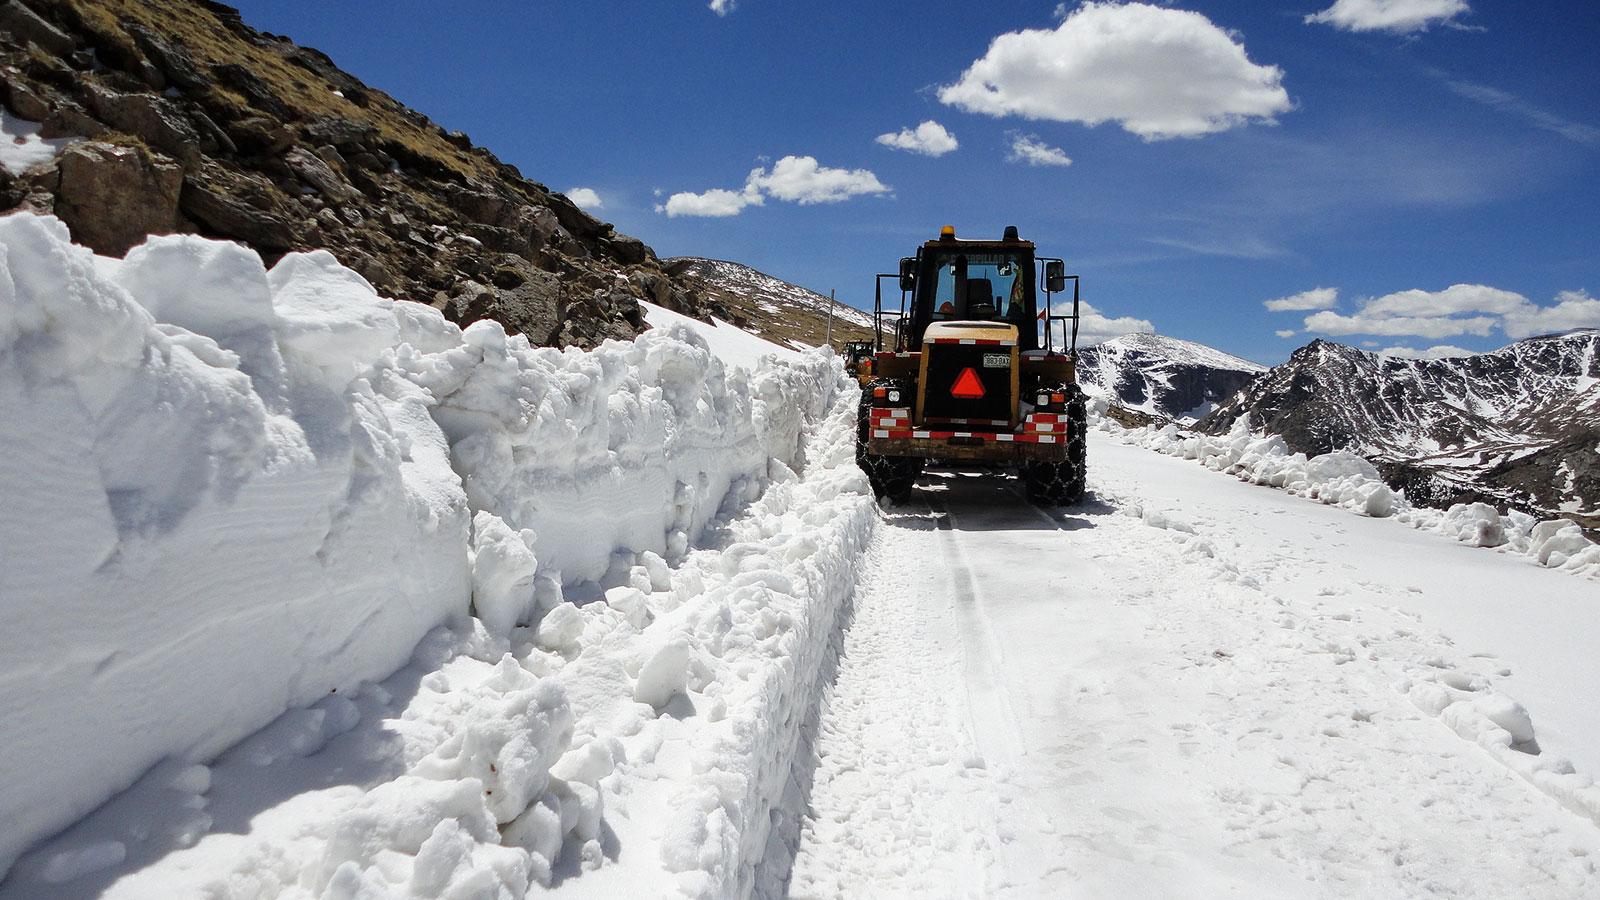 WinterWebBkgd3 detail image